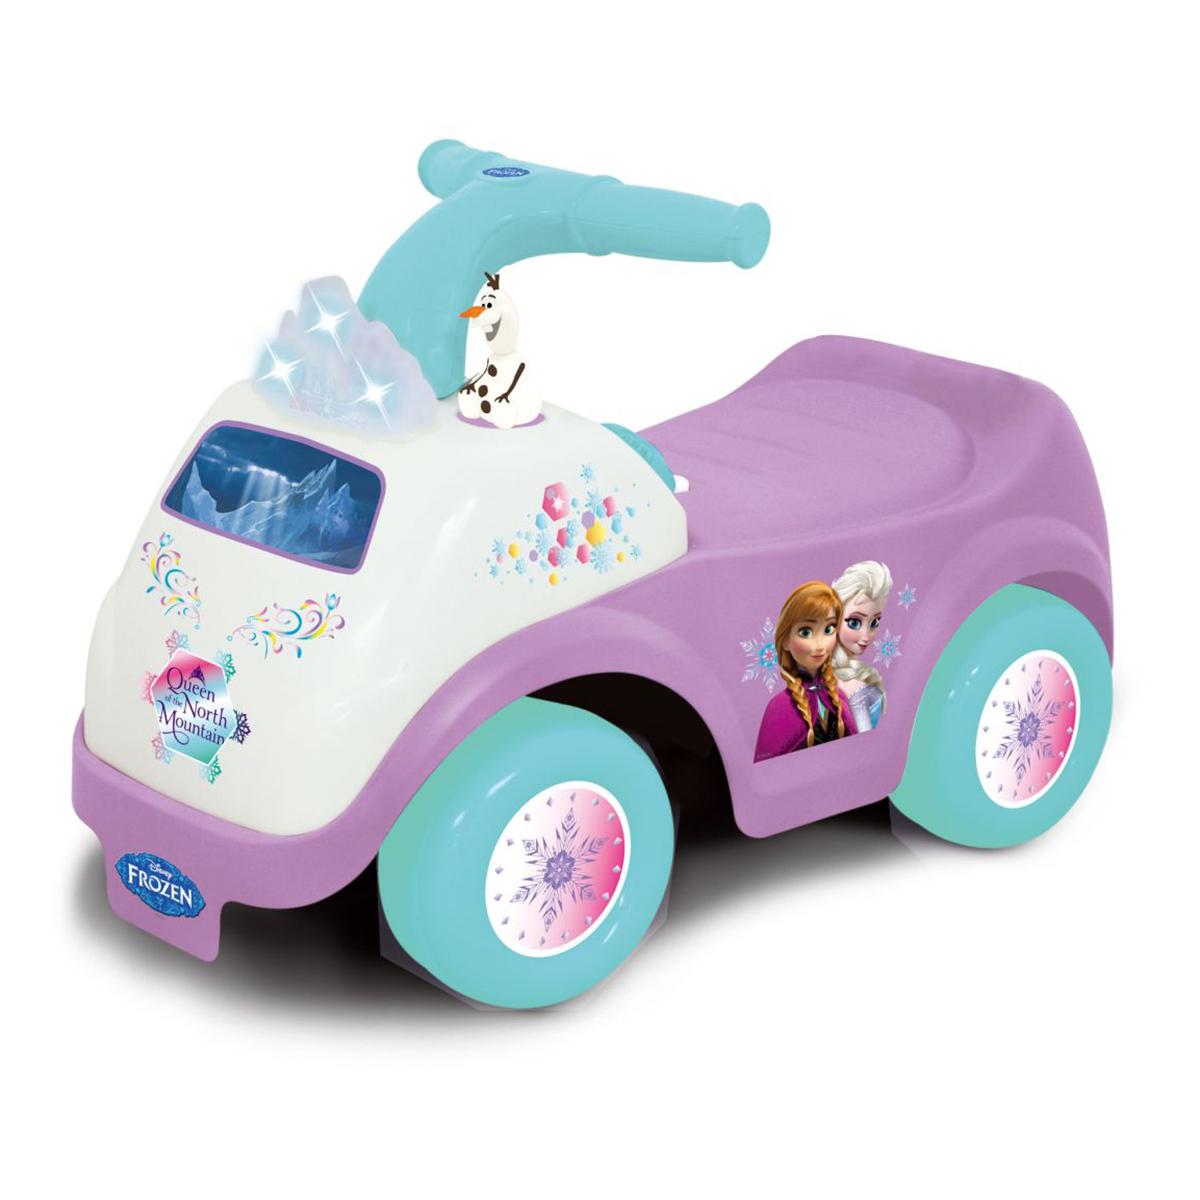 Masinuta fara pedale cu activitati Kiddieland - Frozen imagine